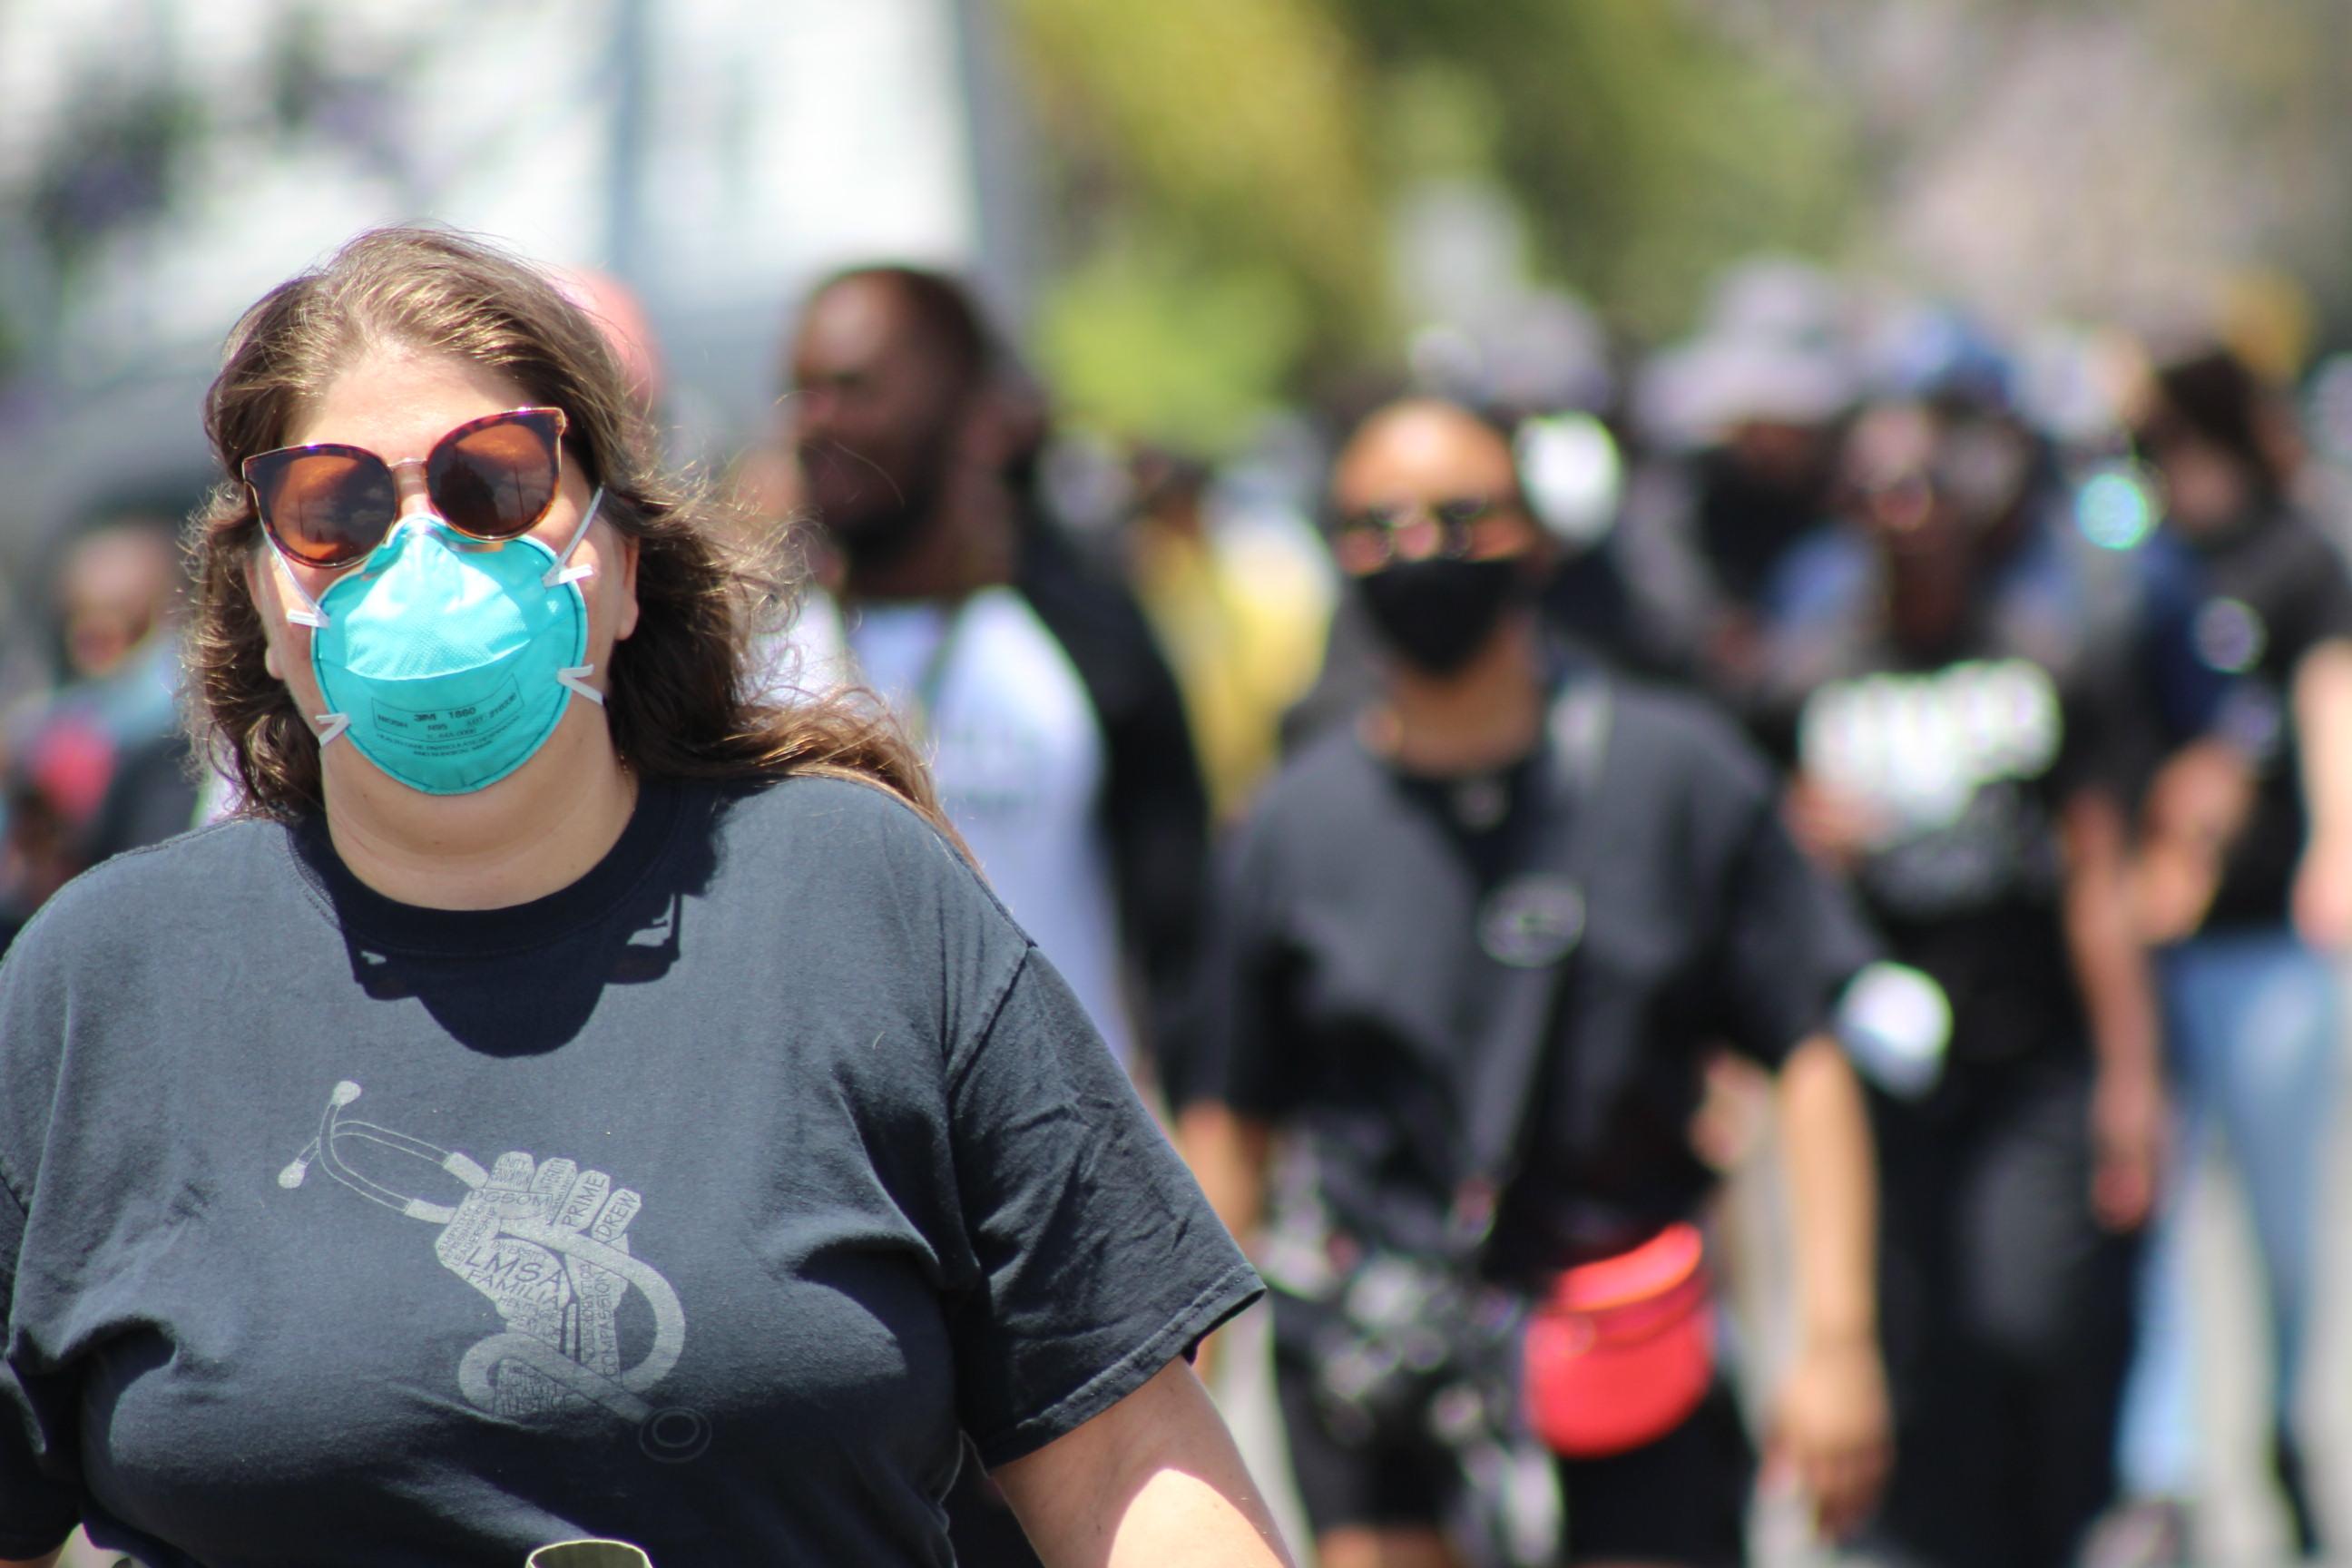 Woman wearing a face mask, walking | Karen Foshay